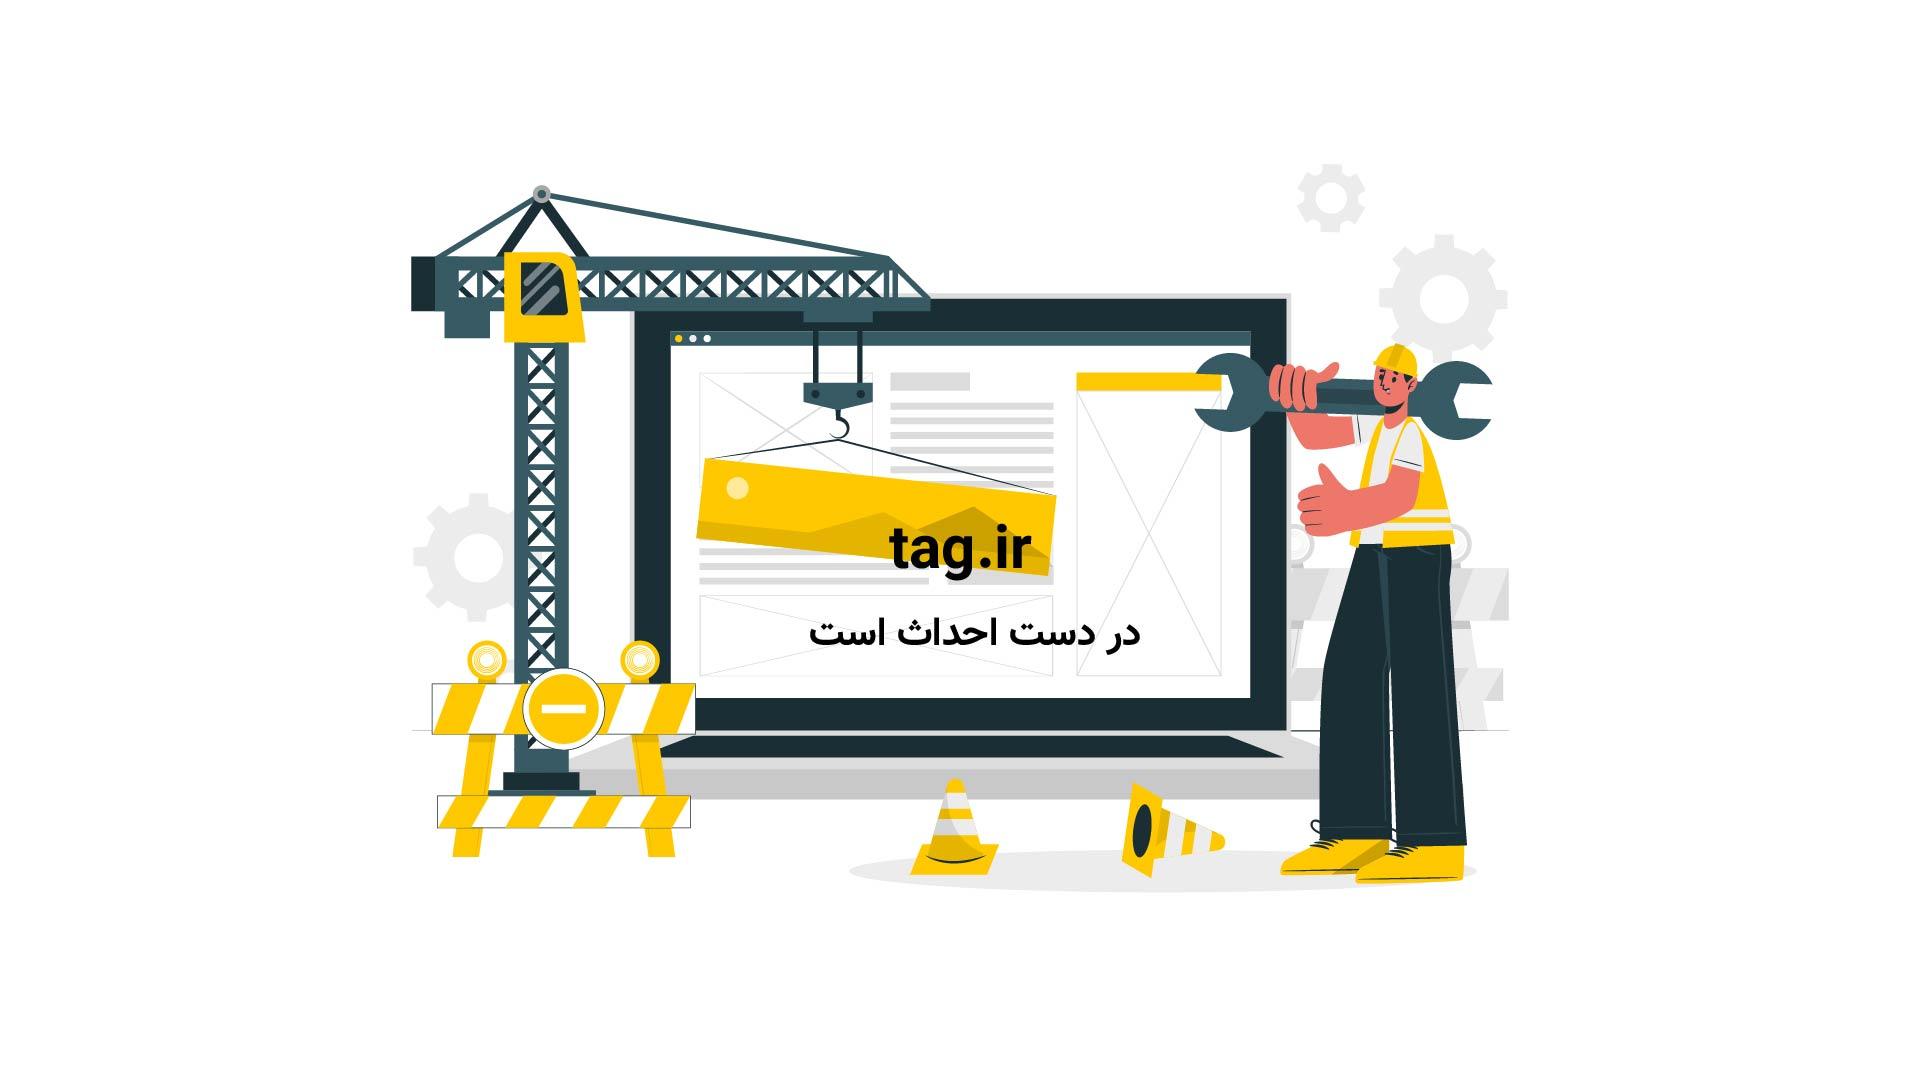 فیلم مشاهده رعد و برق از ایستگاه فضایی ناسا